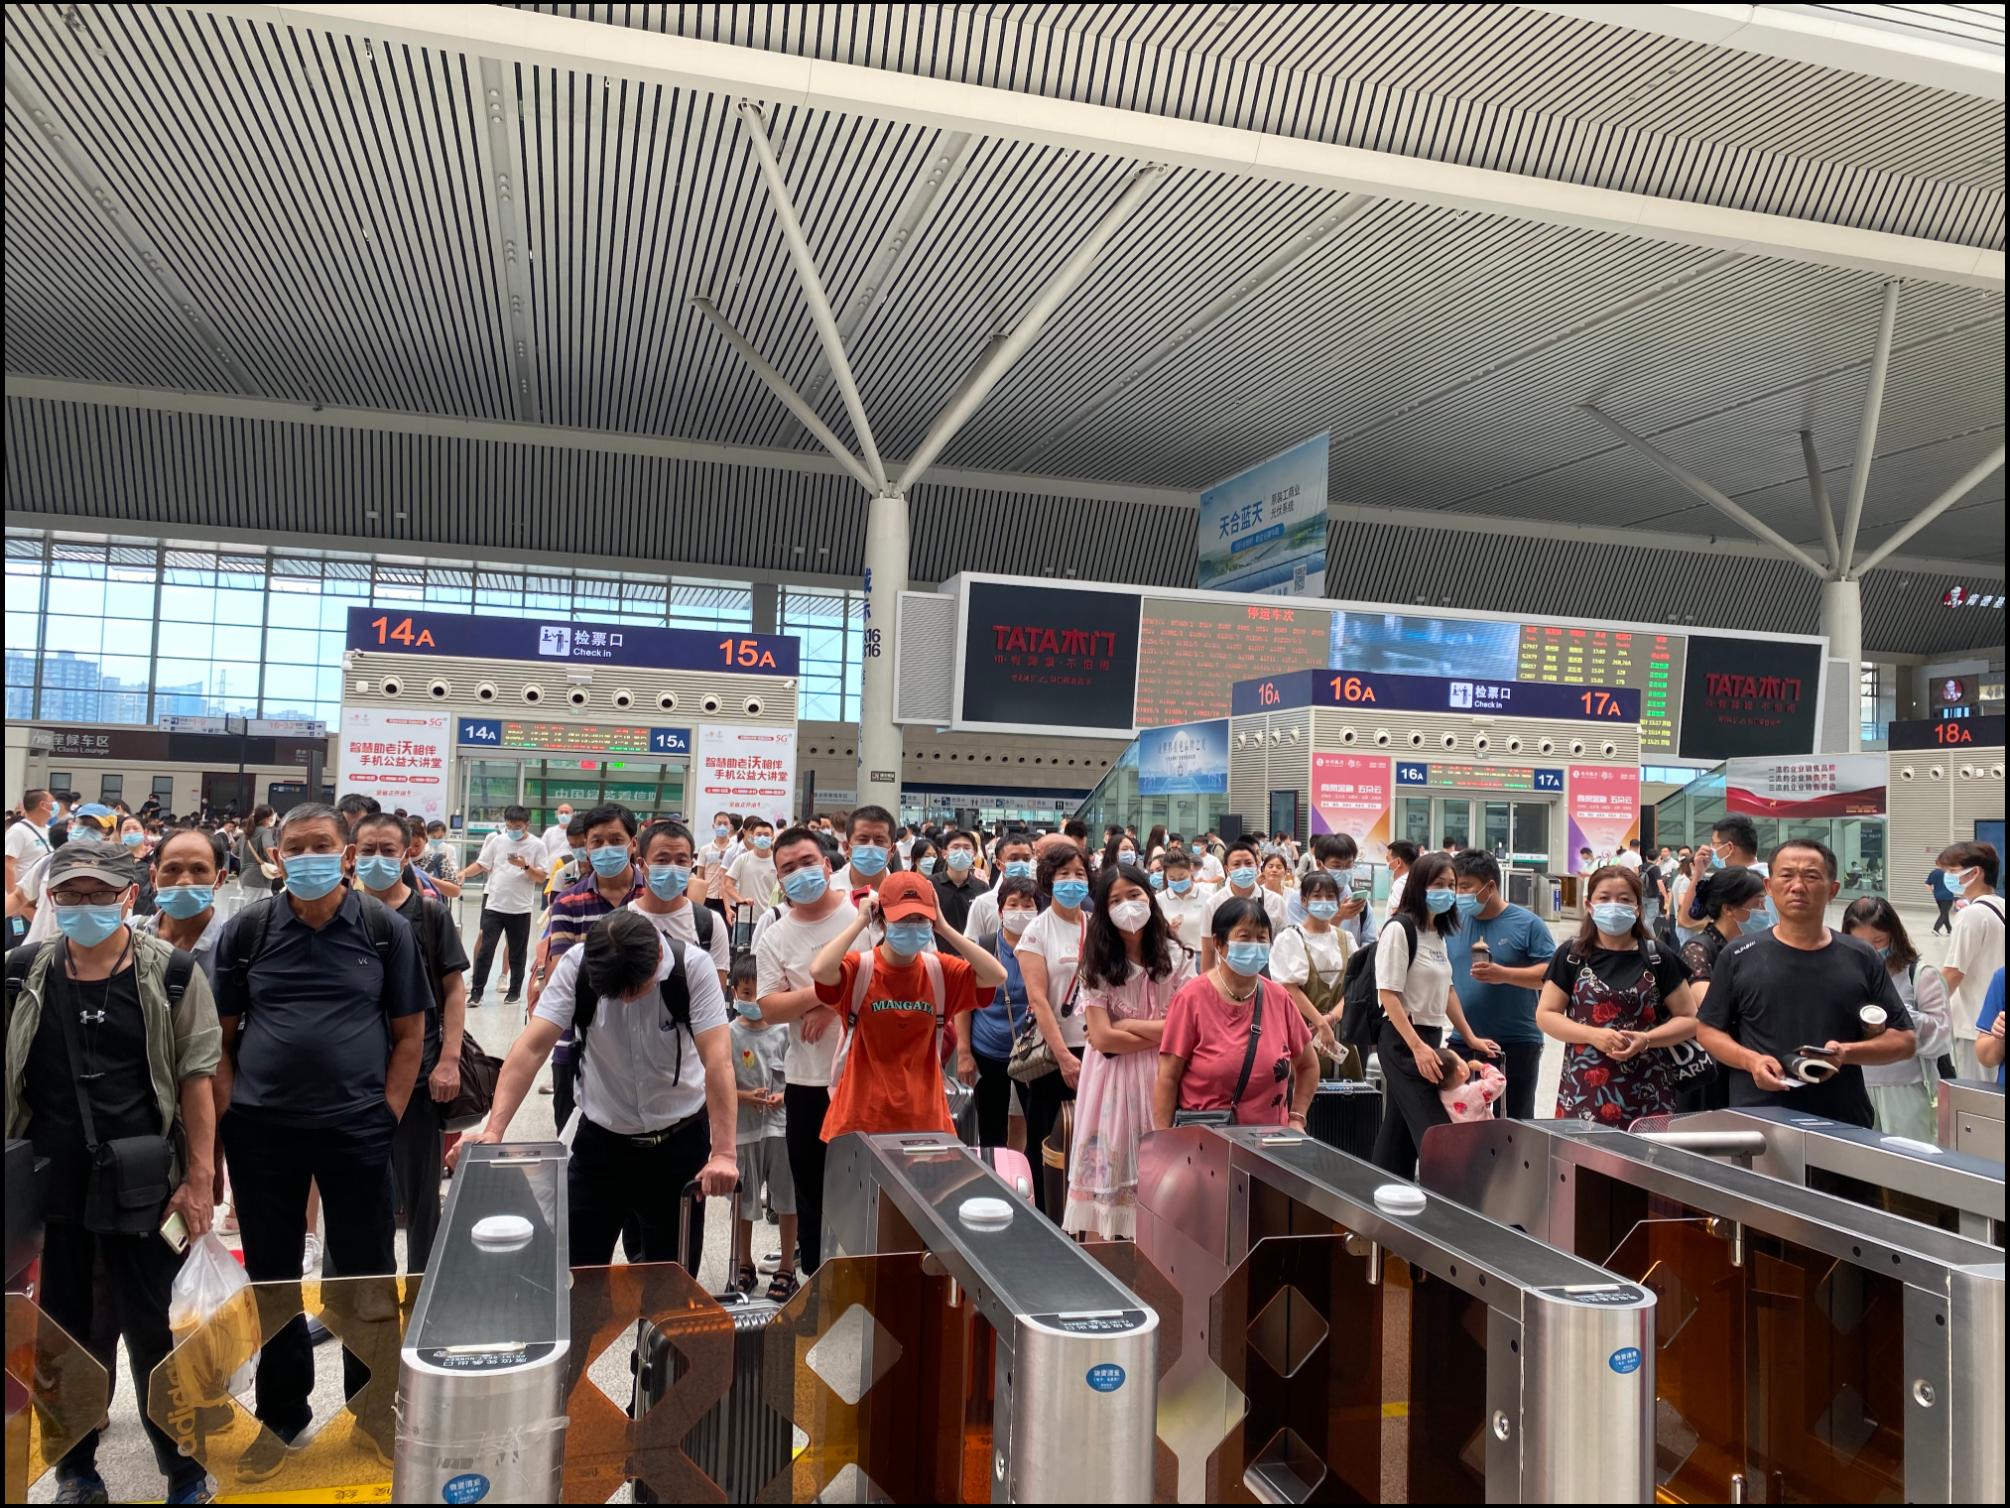 给力!7月28日郑州东站开行列车499列 高铁班次陆续恢复